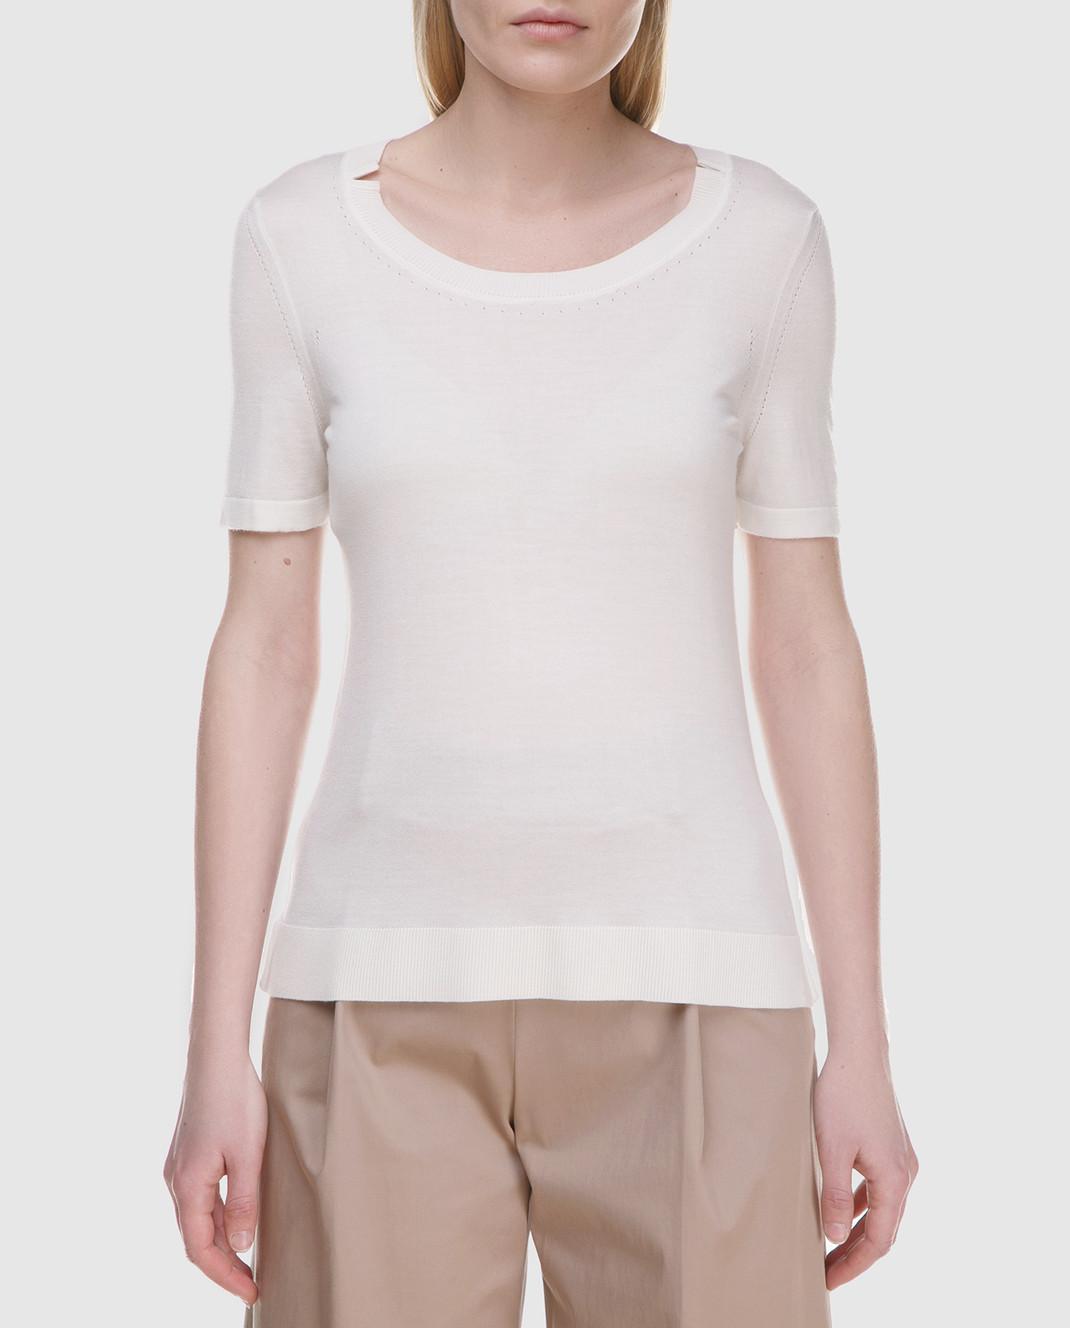 Maison Ullens Белый джемпер из кашемира и шелка TSS018 изображение 3